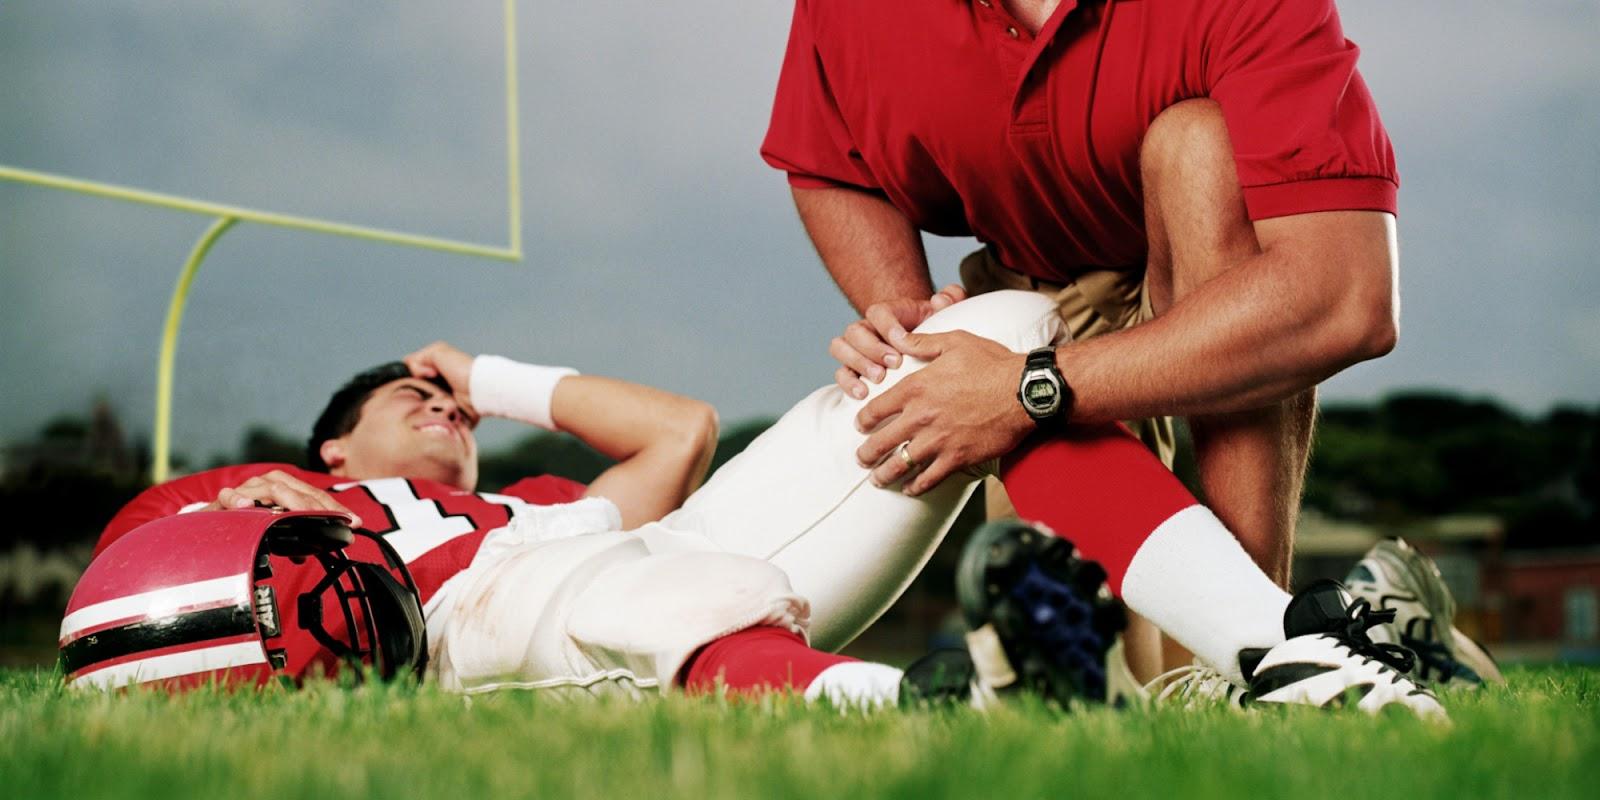 sport-injuries-ernakulam.jpg